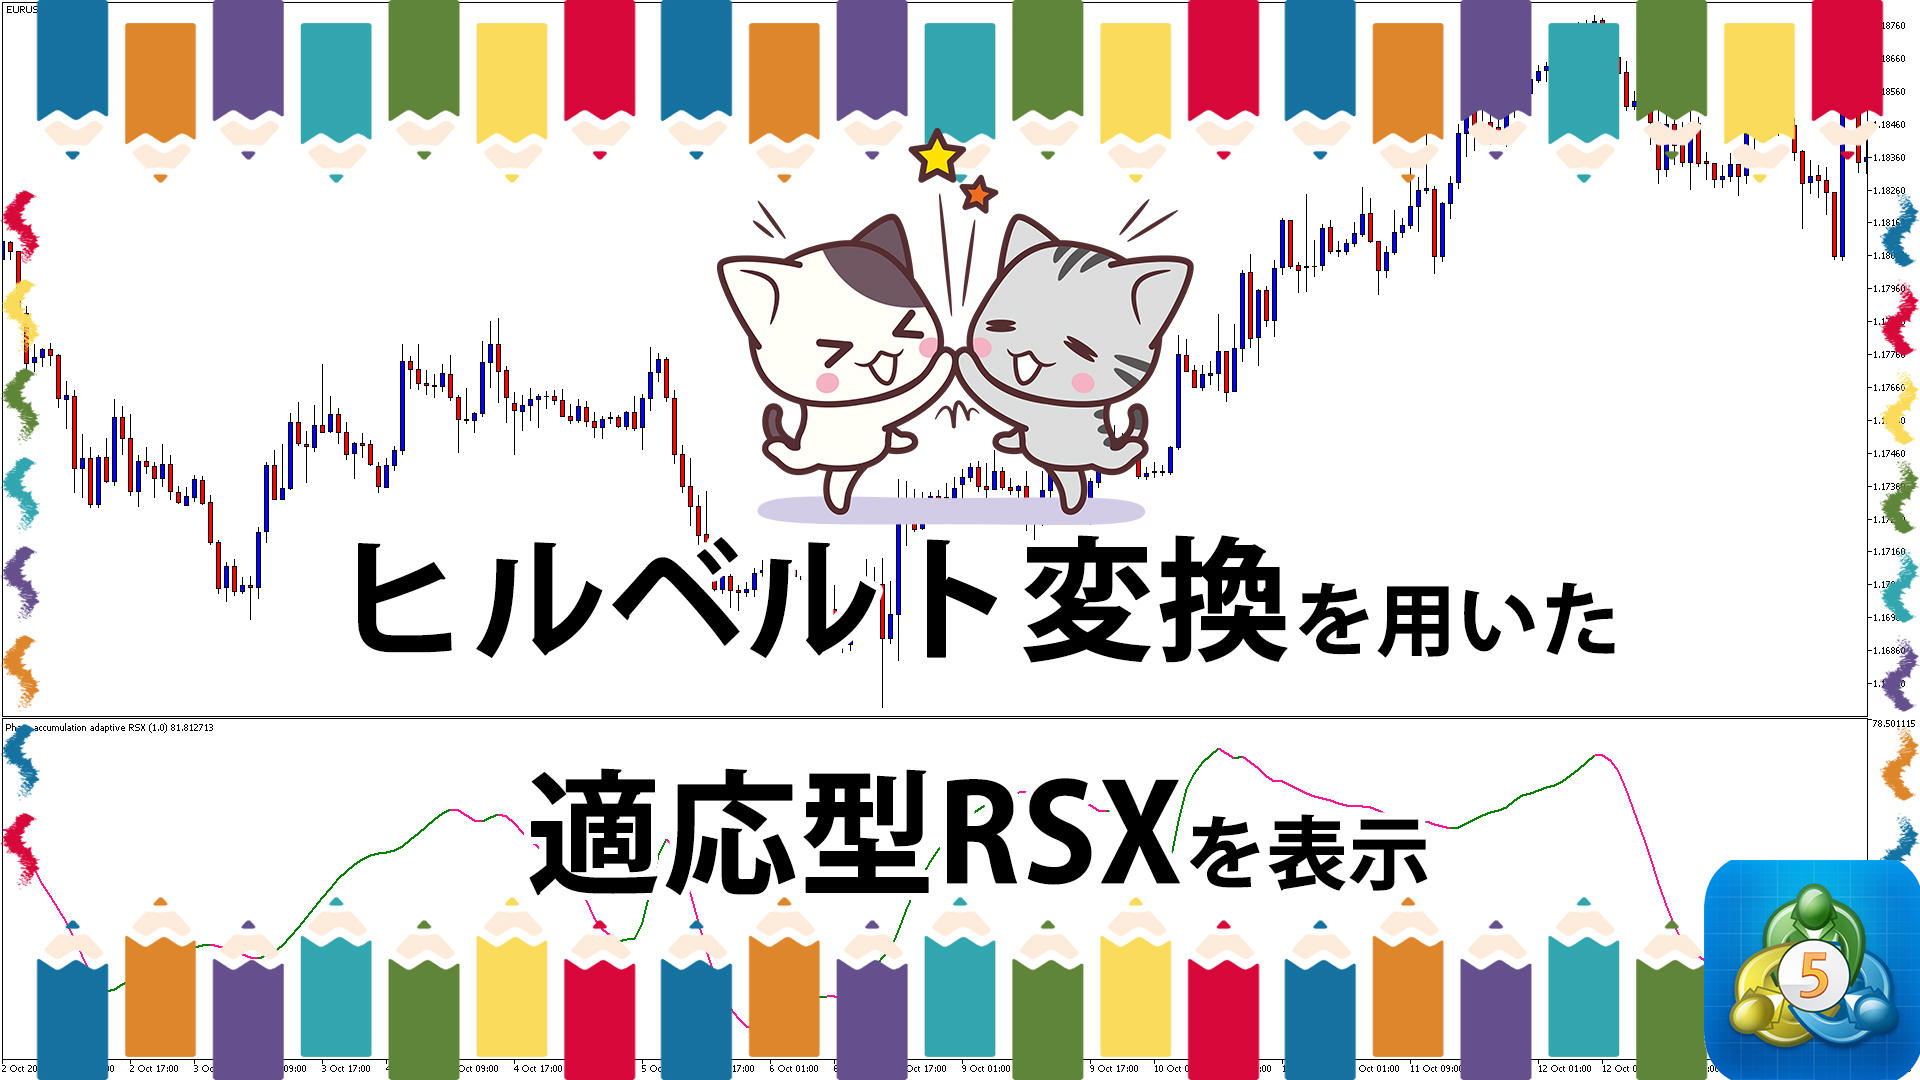 ヒルベルト変換を用いた適応型RSXを表示するMT5インジケーター「PA_adaptive_RSX」